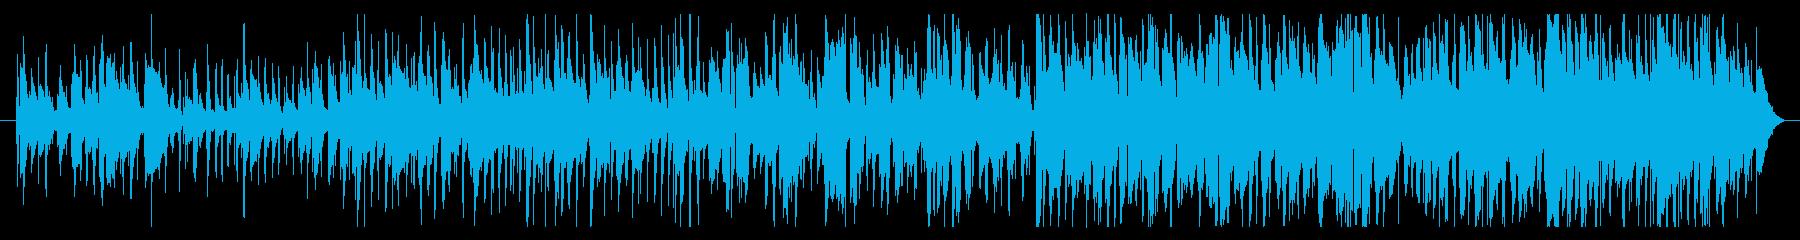 お洒落なトランペットとピアノジャズの曲の再生済みの波形